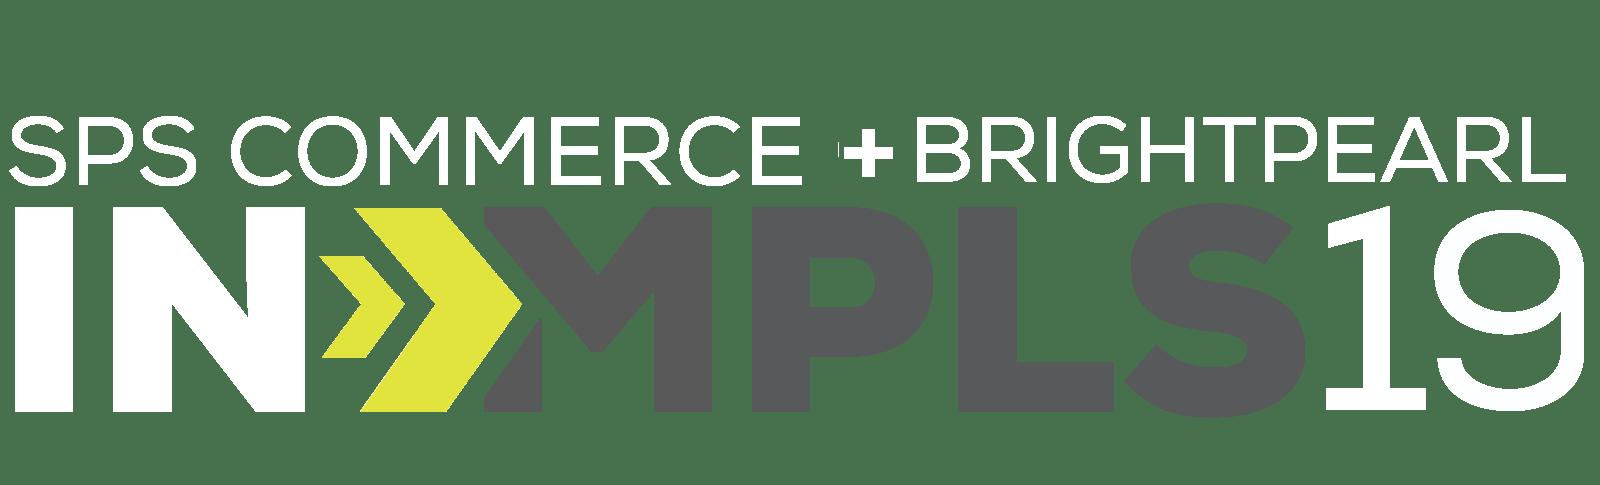 SPS InMPLS 2019